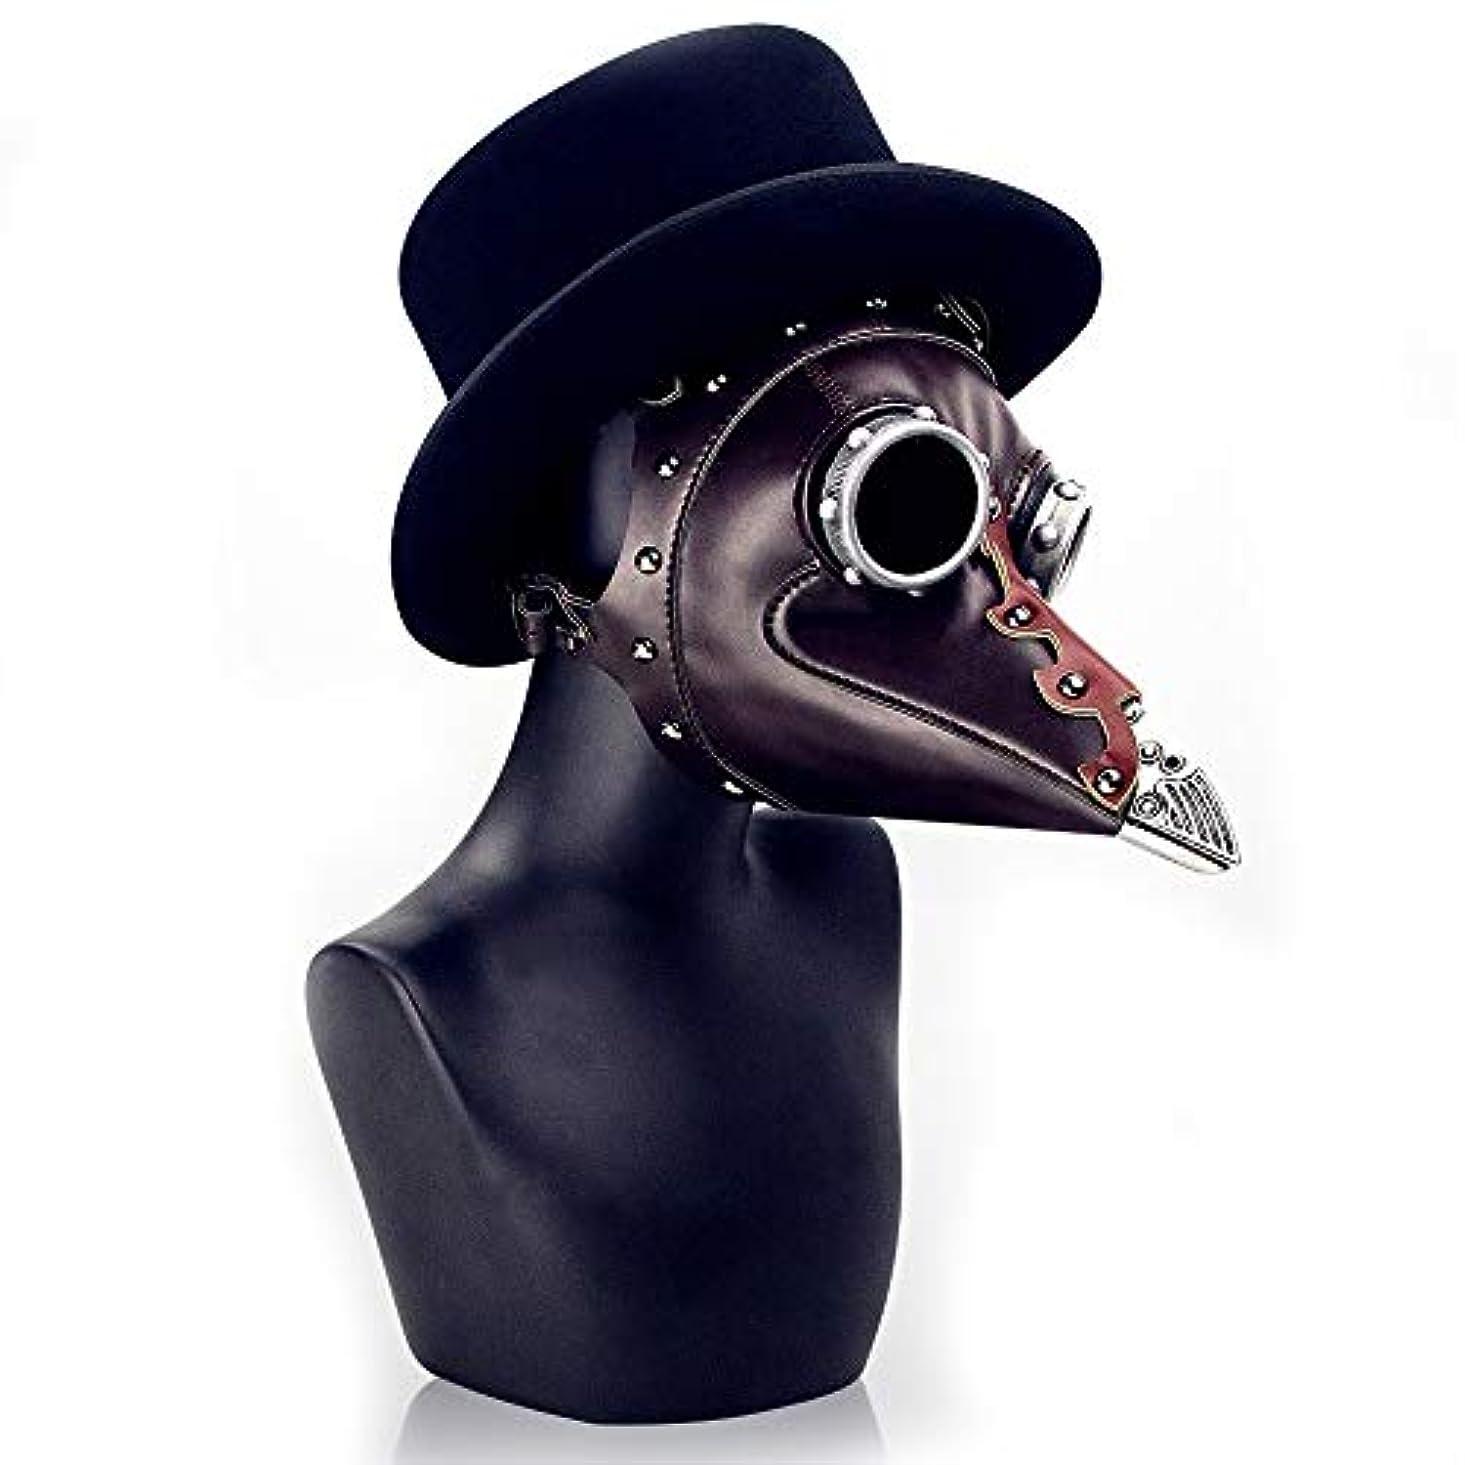 調和のとれた敬意リボンスチームパンクなハロウィーンペストビークドクターマスク